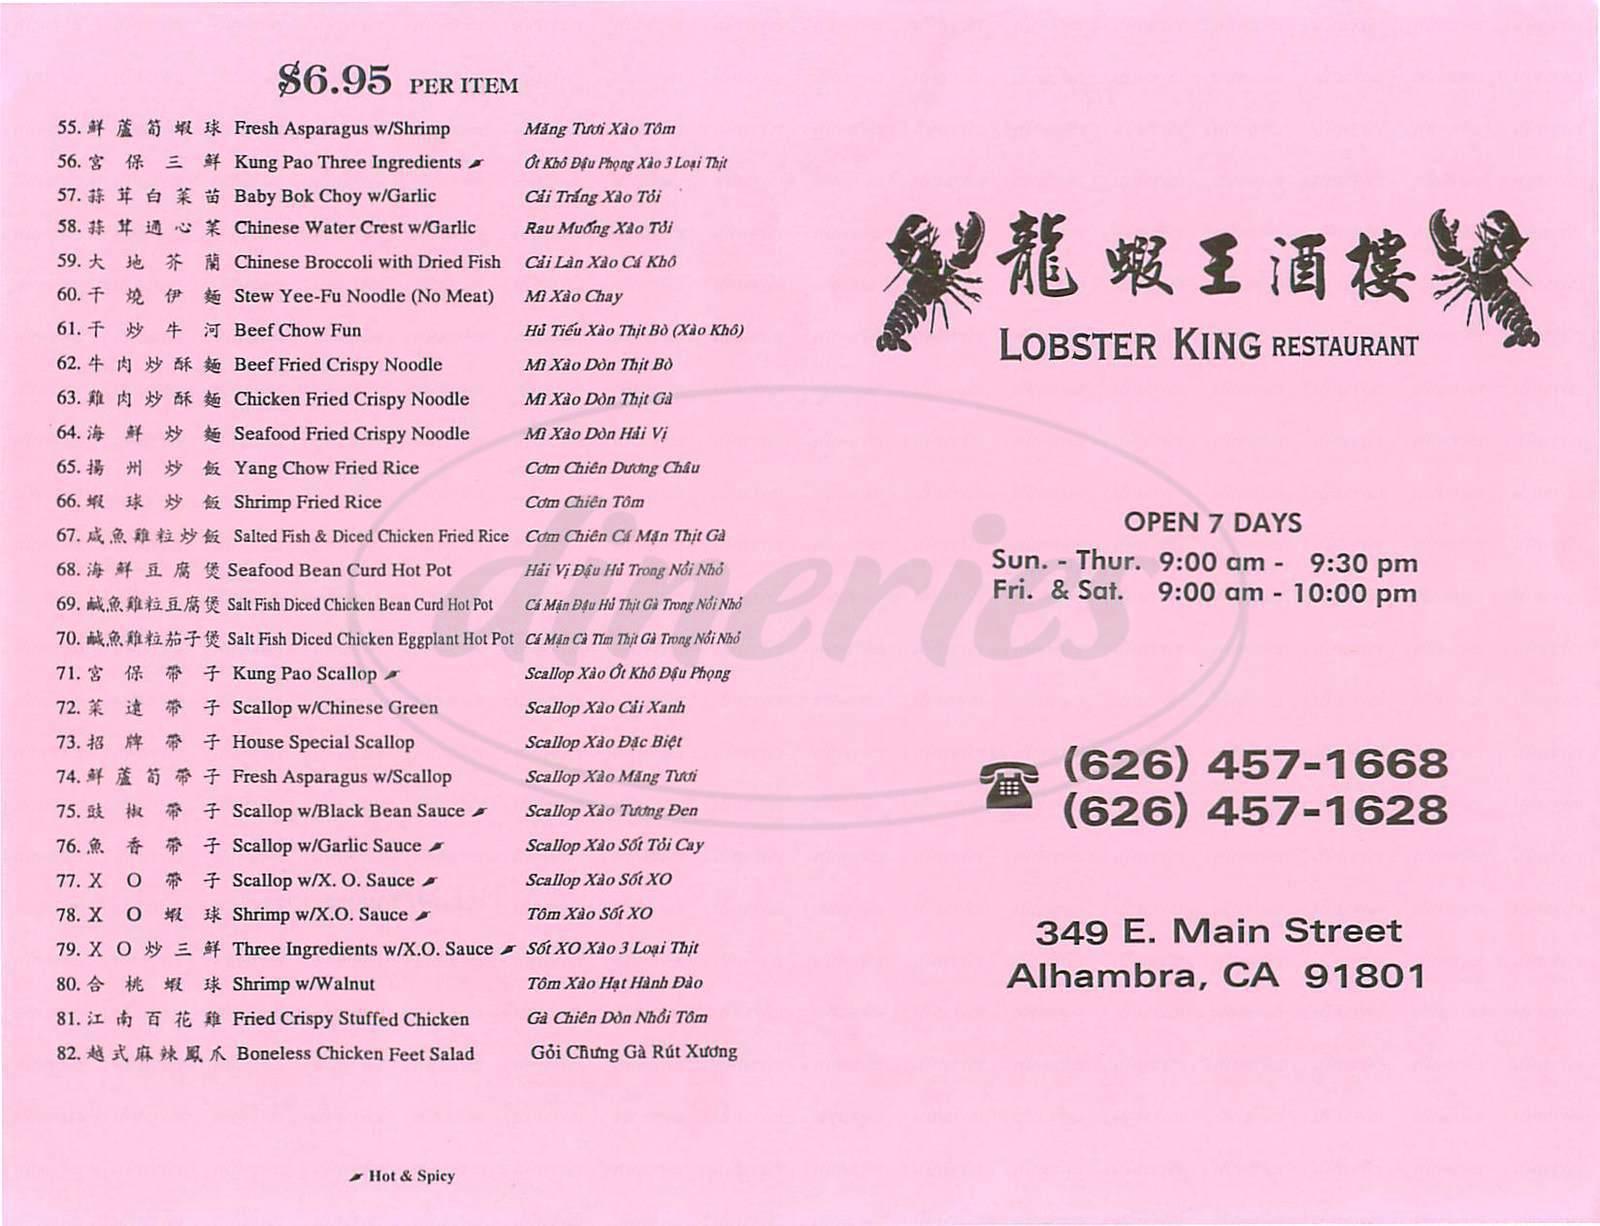 menu for Lobster King Restaurant